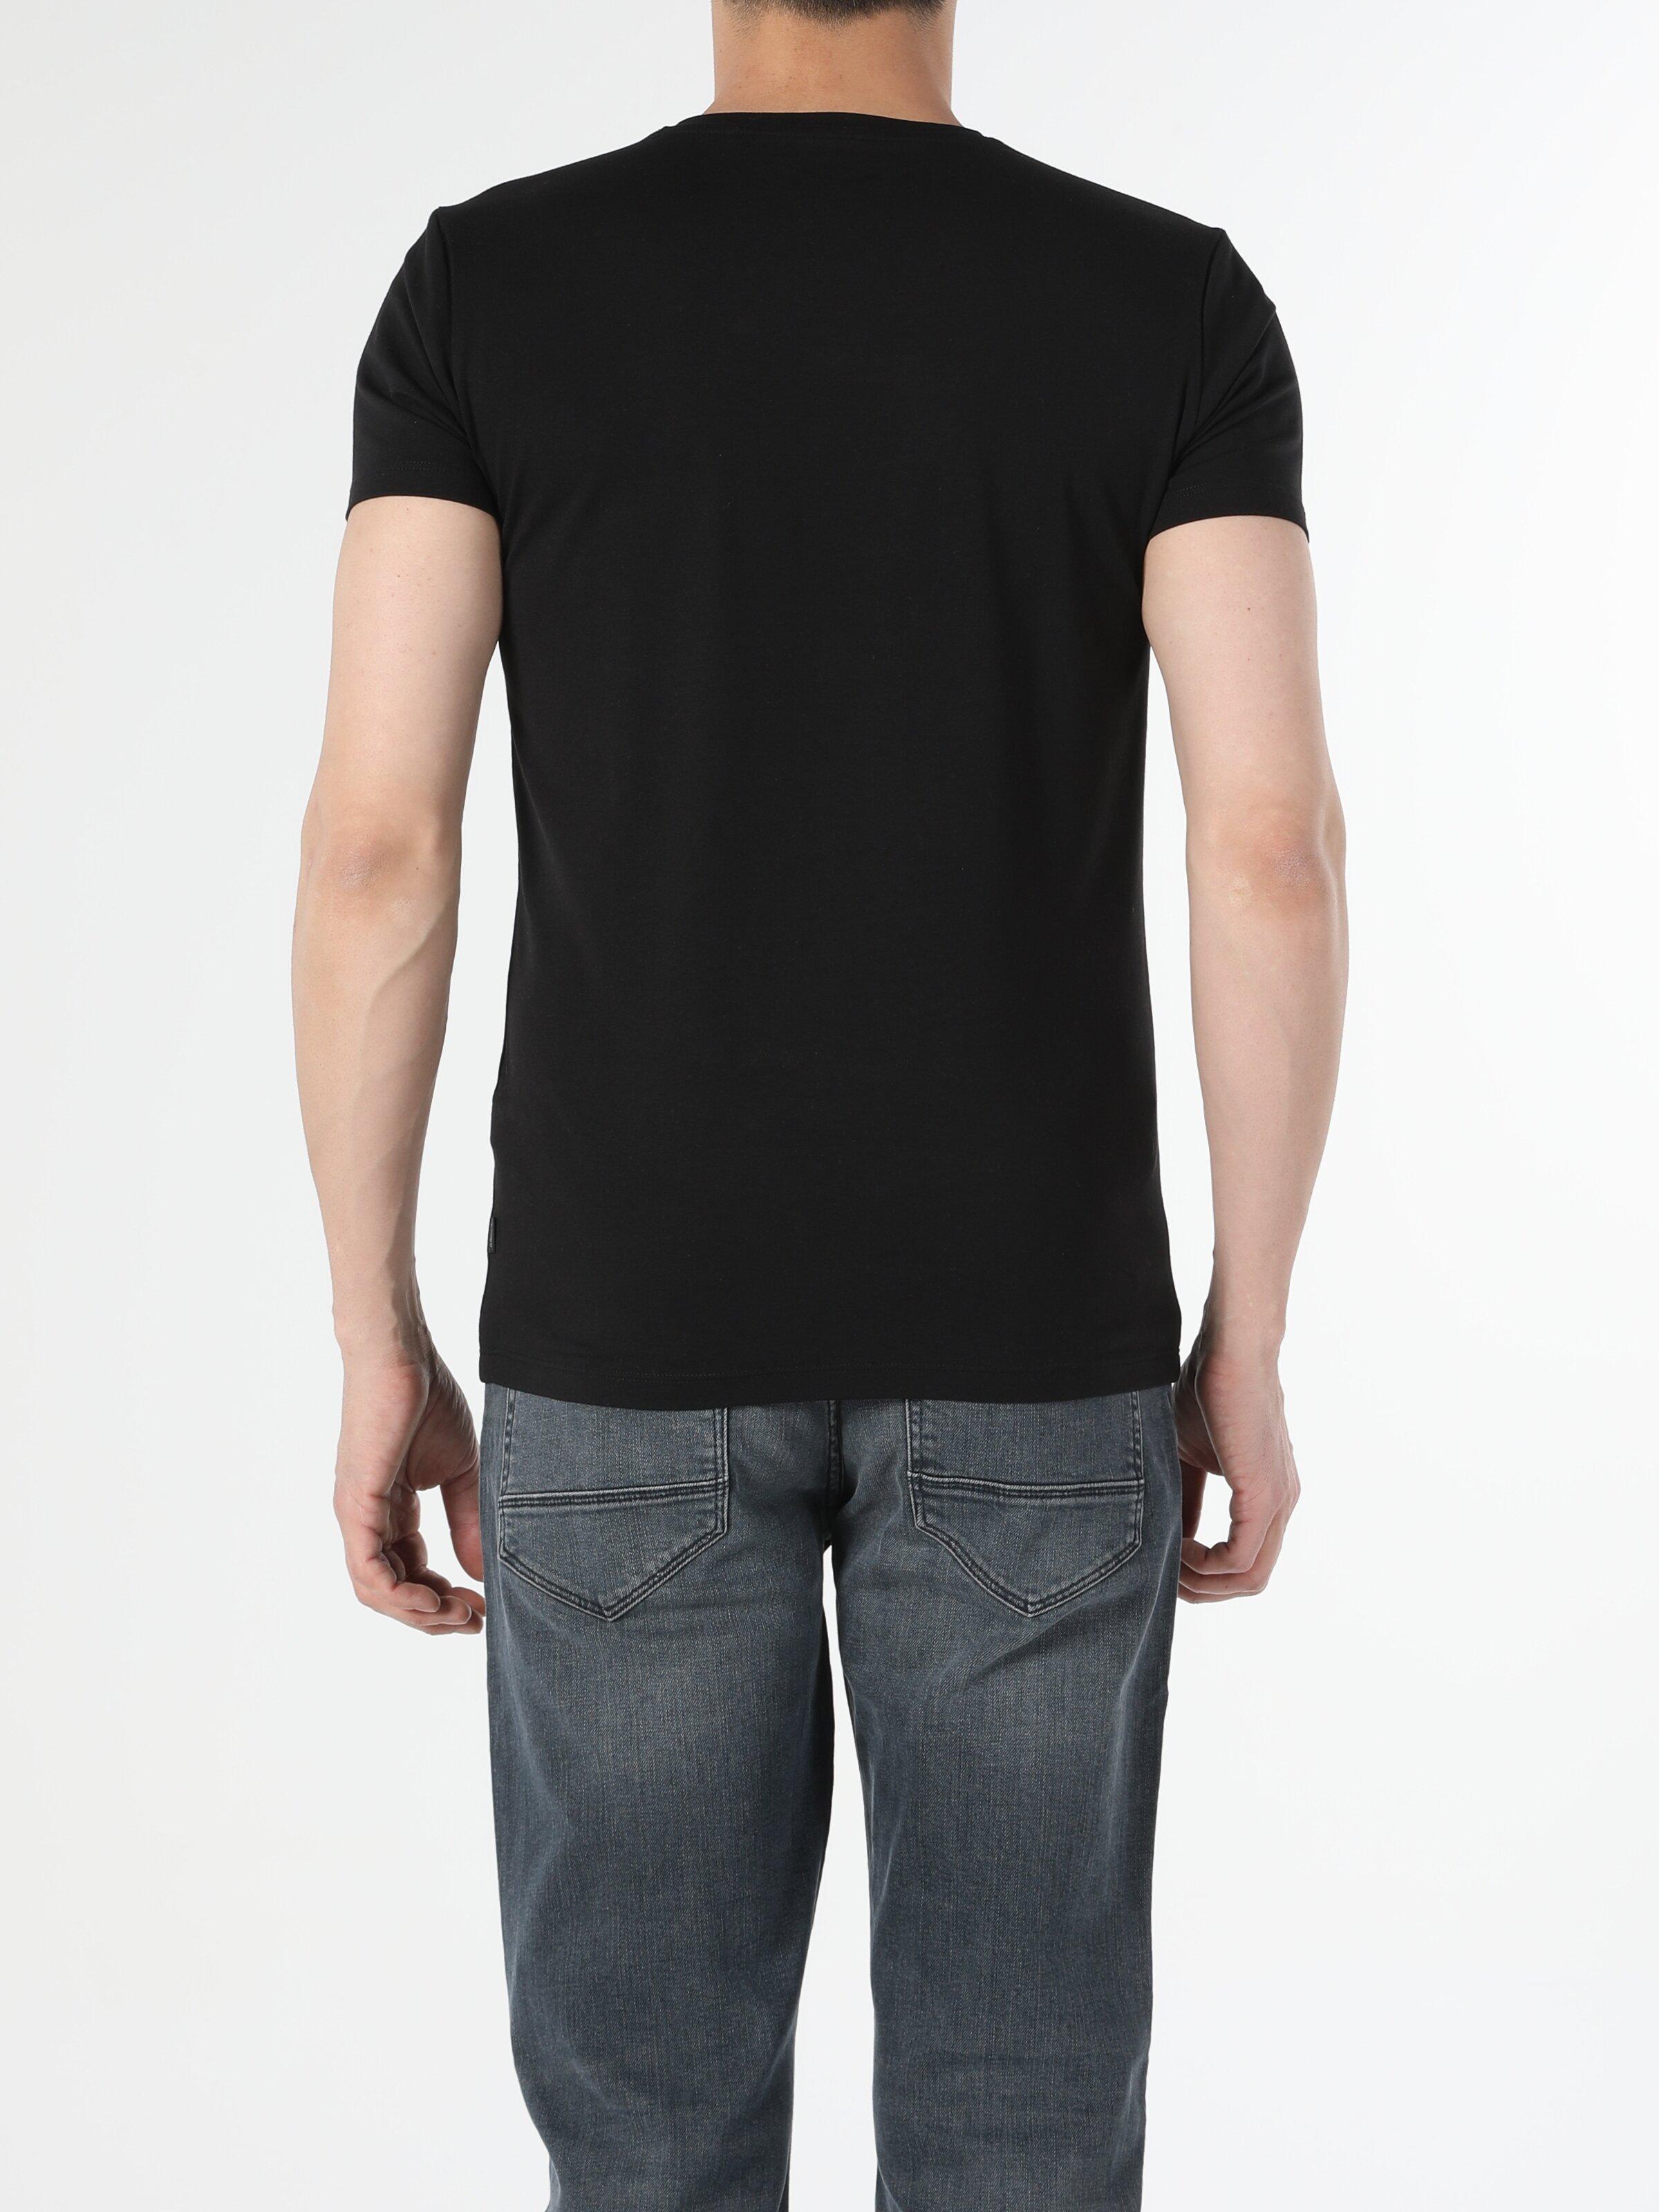 Slim Fit V Yaka Erkek Siyah Kısa Kol Tişört